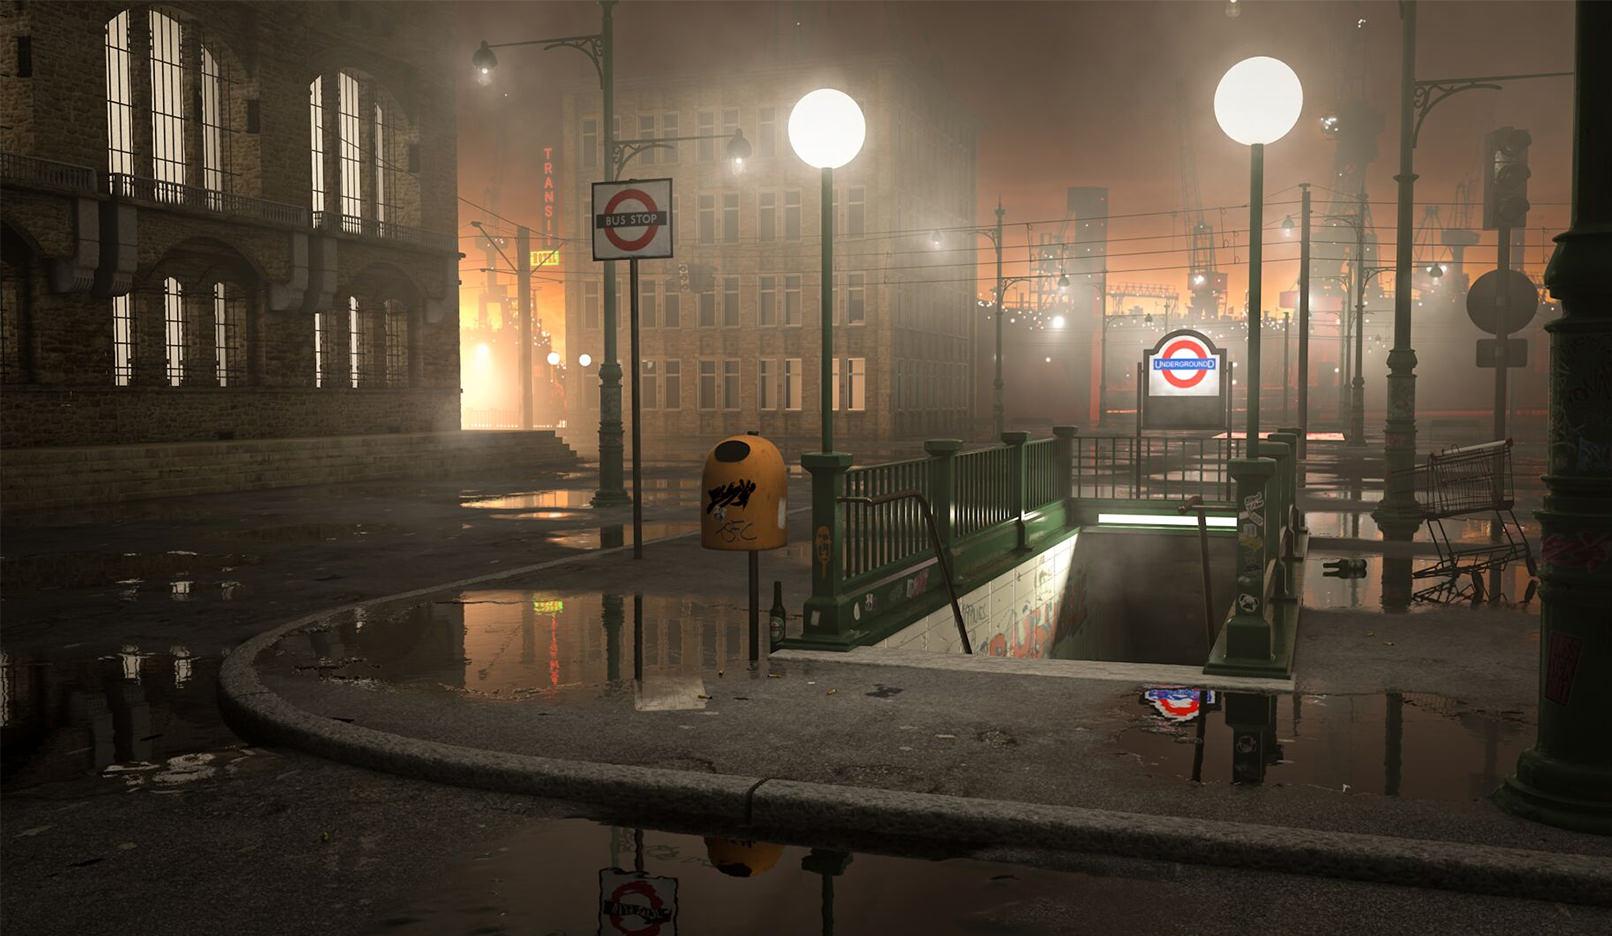 Stadtszene Underground mit U-Bahnstation, erstellt für das Cinema 4D R21-Tutorial mit 3D-Modell, Texturen und Licht